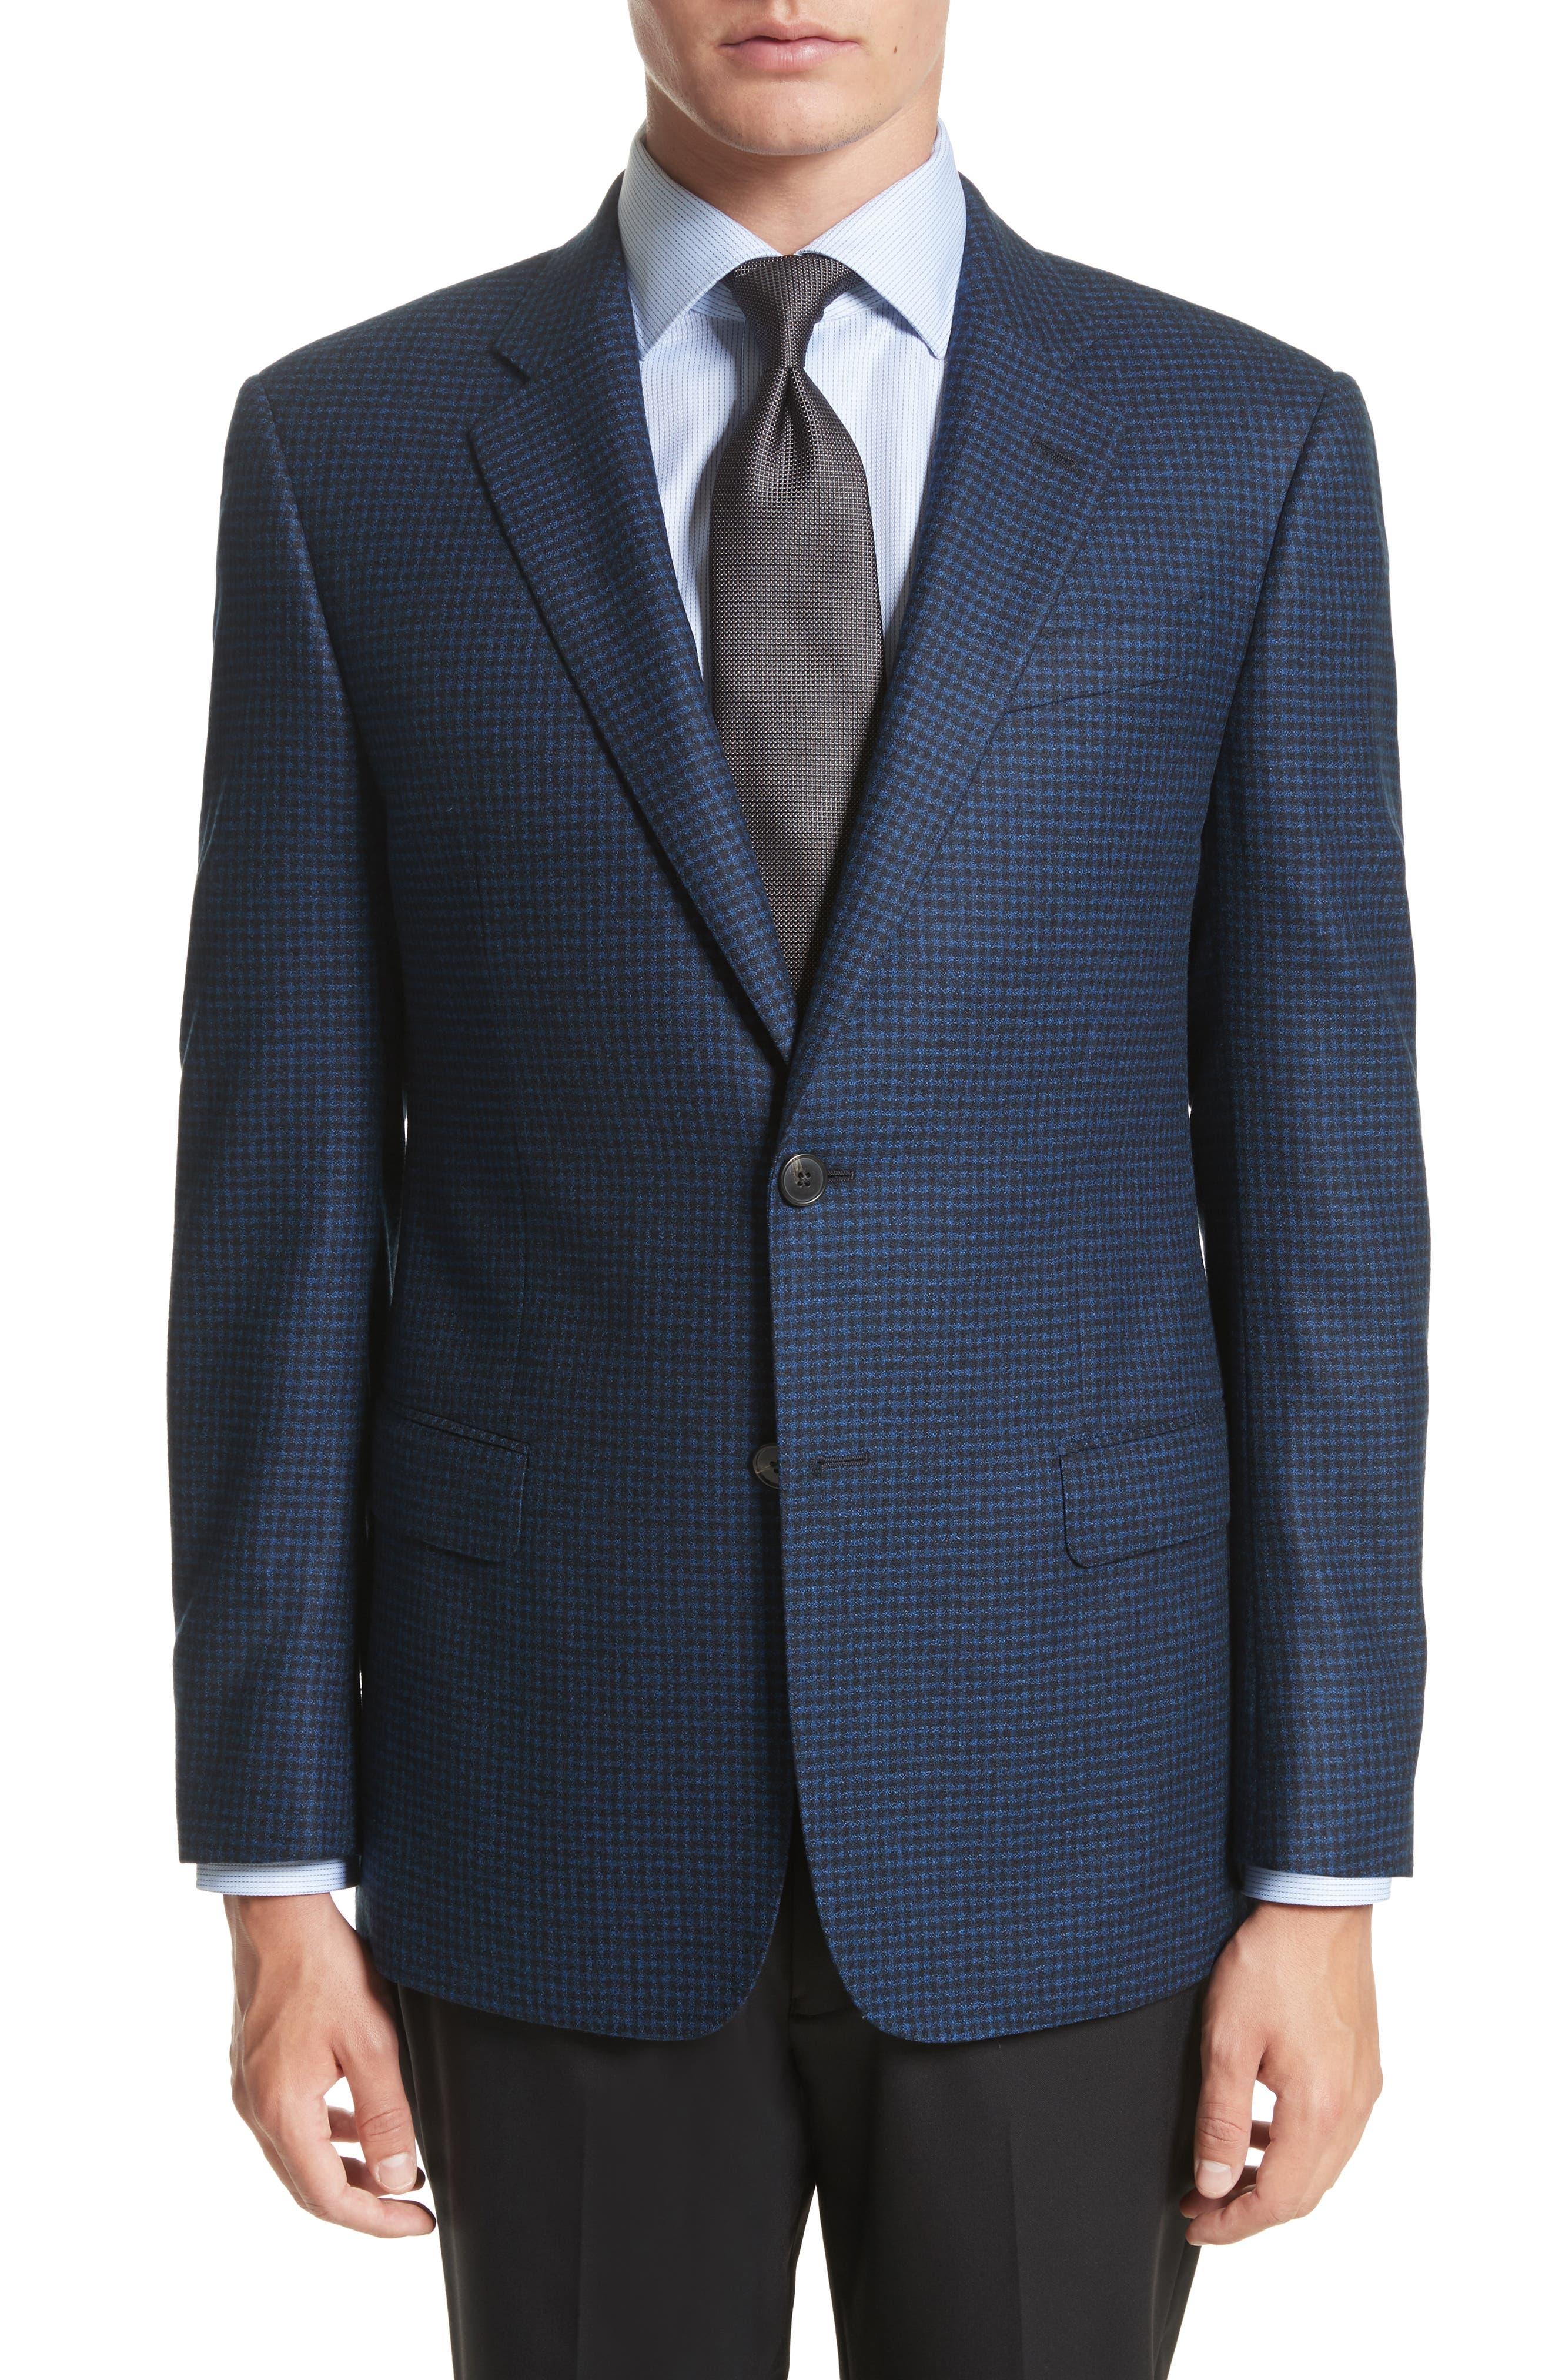 ARMANI COLLEZIONI,                             G-Line Trim Fit Check Wool Sport Coat,                             Main thumbnail 1, color,                             410